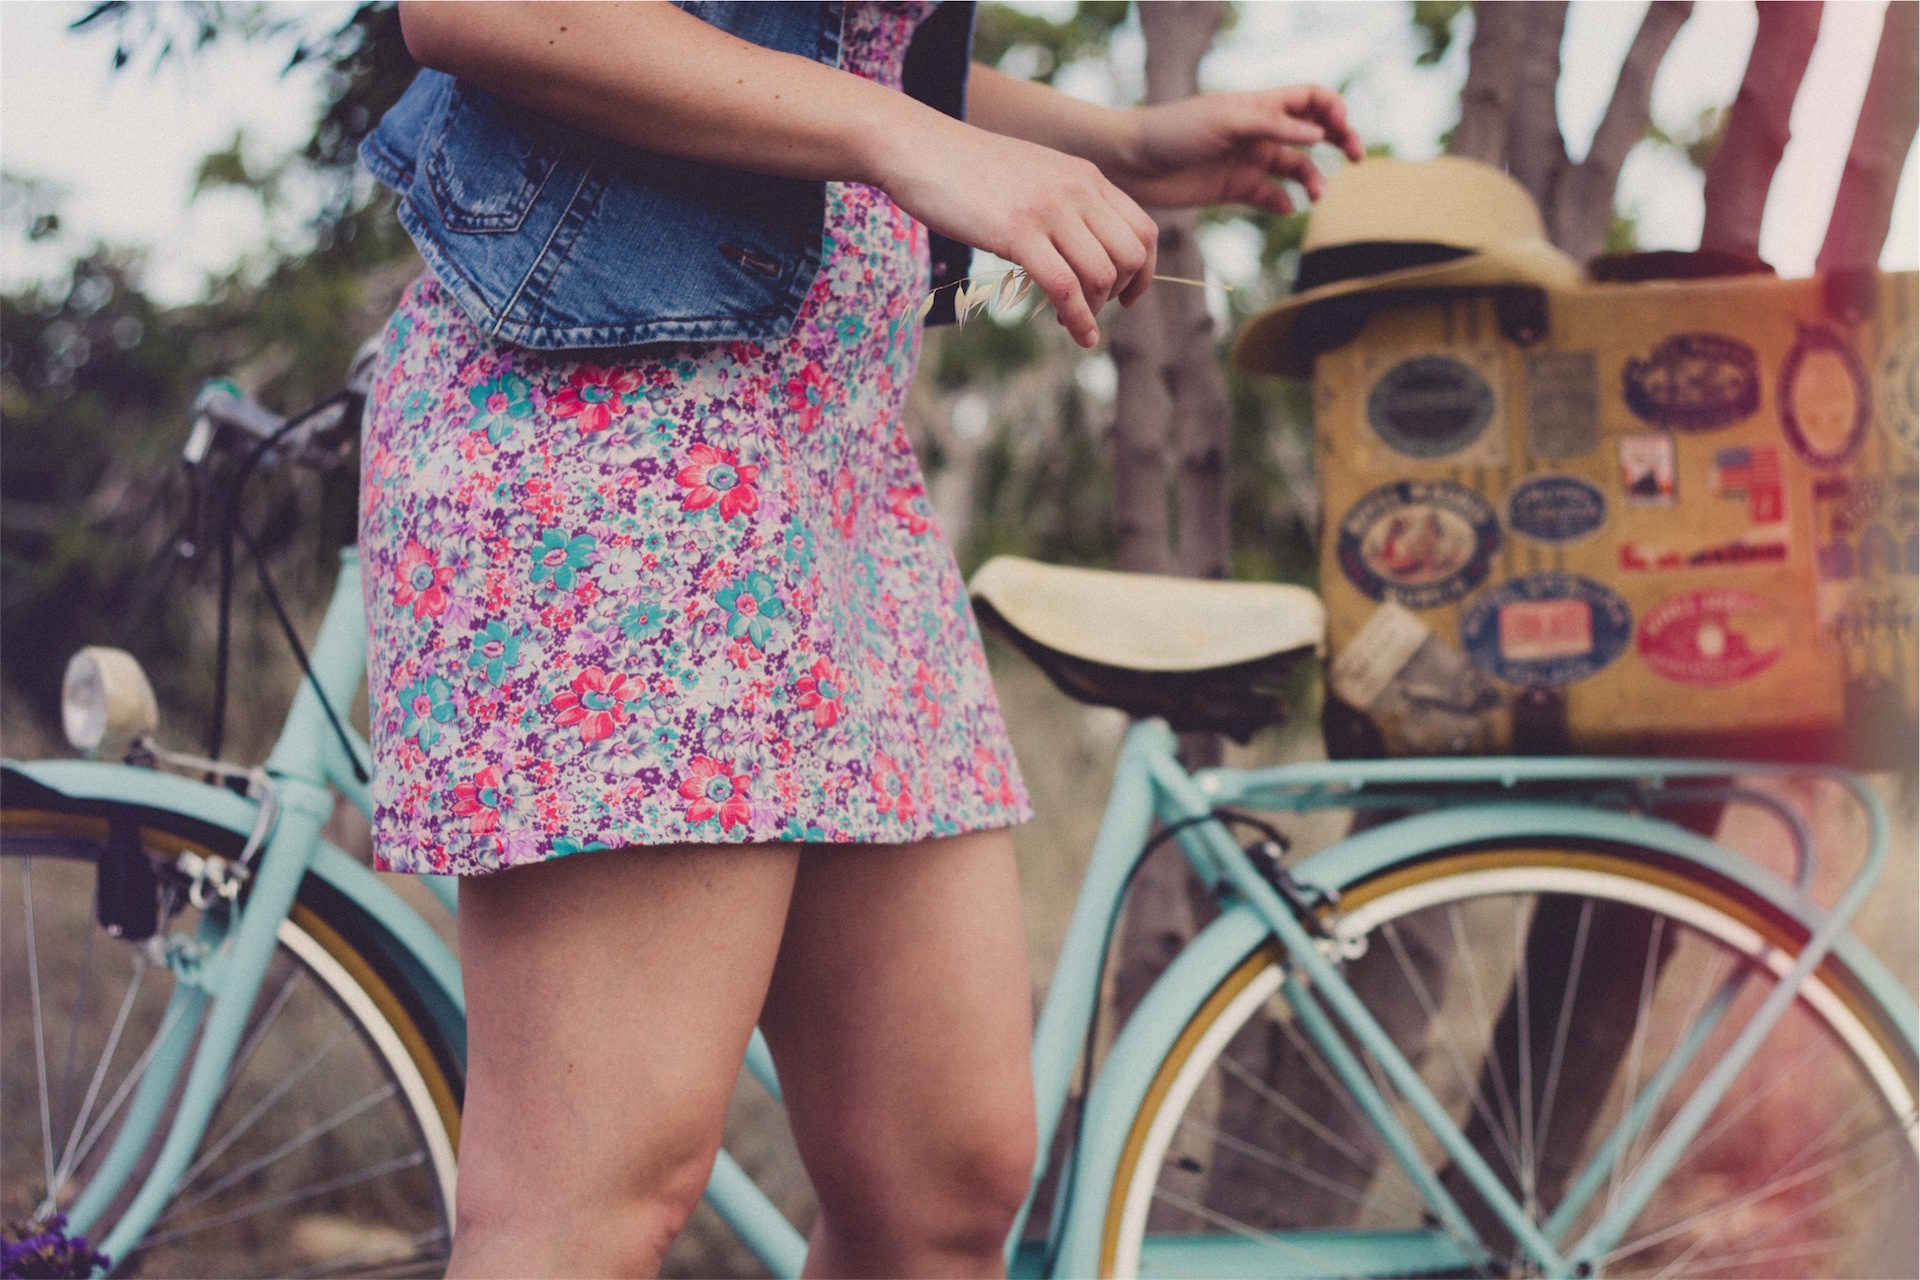 महिला, बाइक, falda, बॉक्स, टोपी - HD वॉलपेपर - प्रोफेसर-falken.com